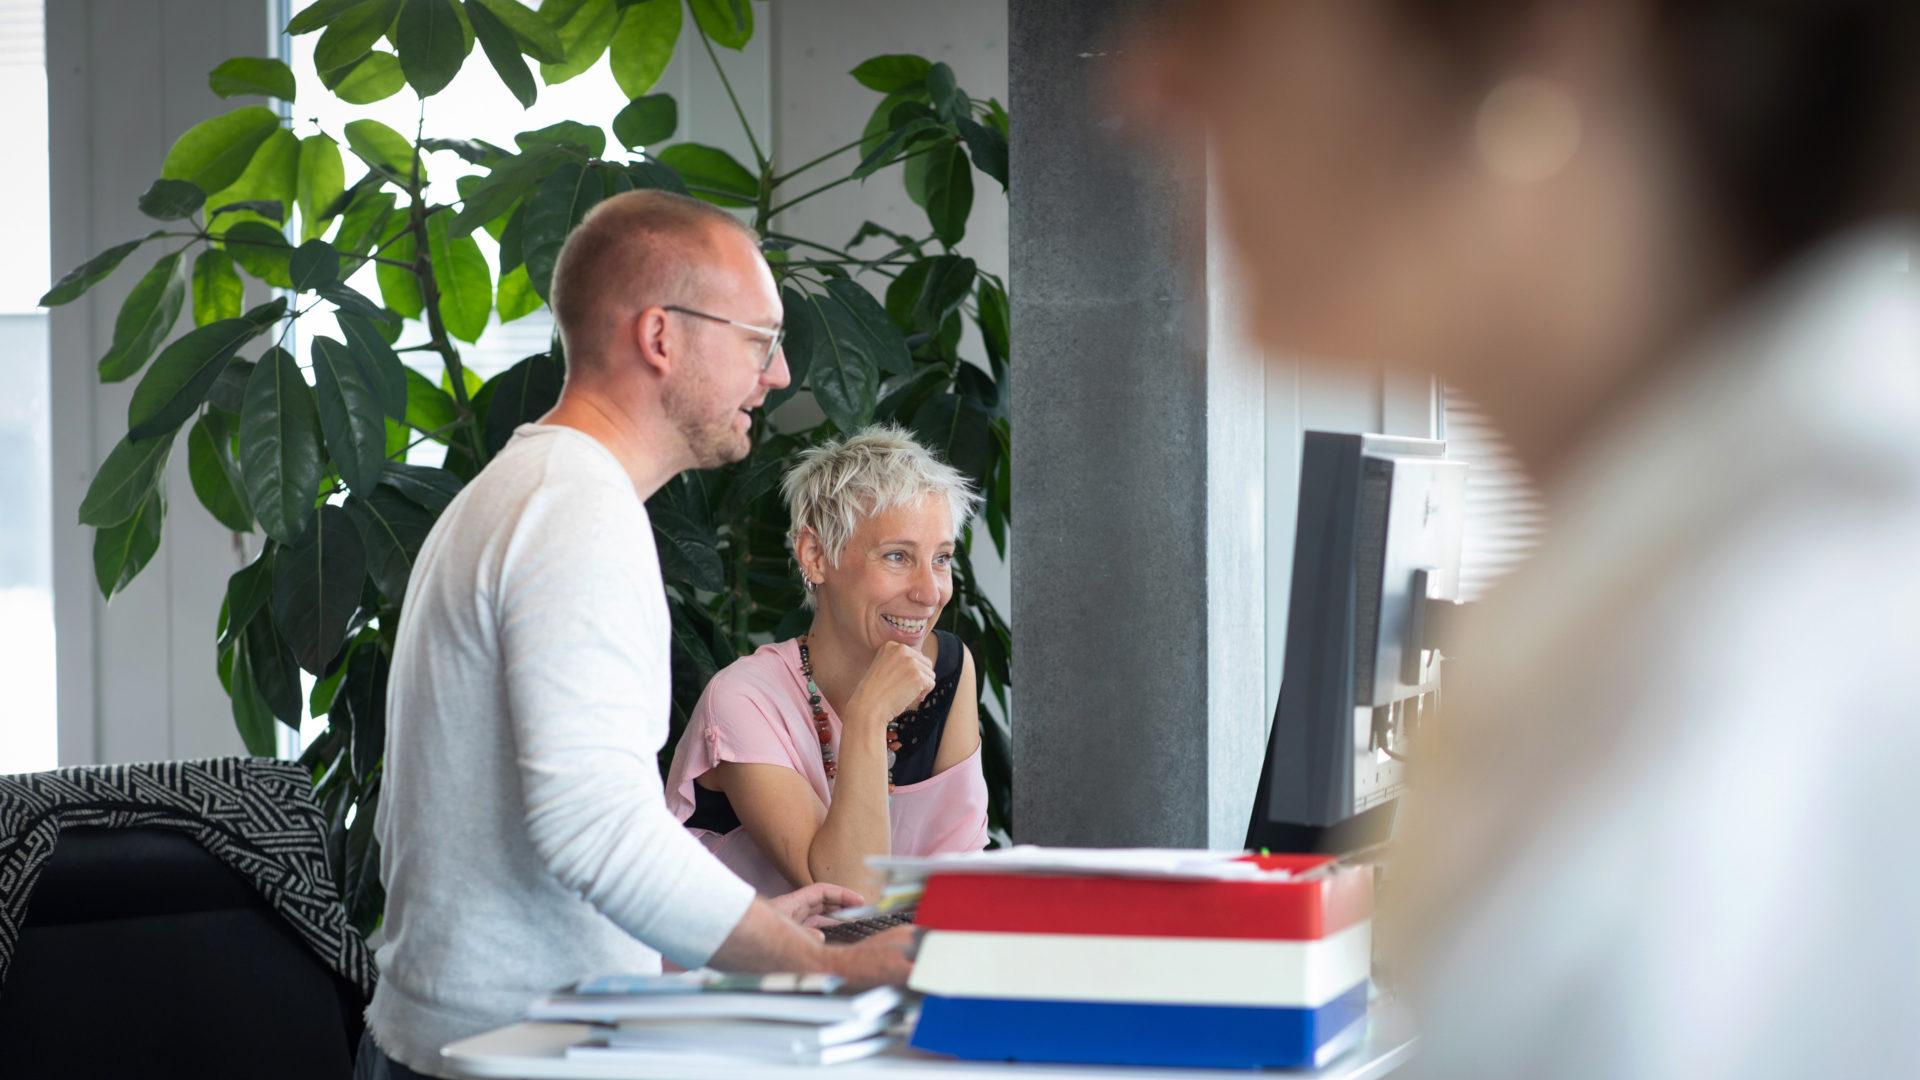 Norman Zöllner und Natalie Fritz gemeinsam am Werk | © Christoph Wider